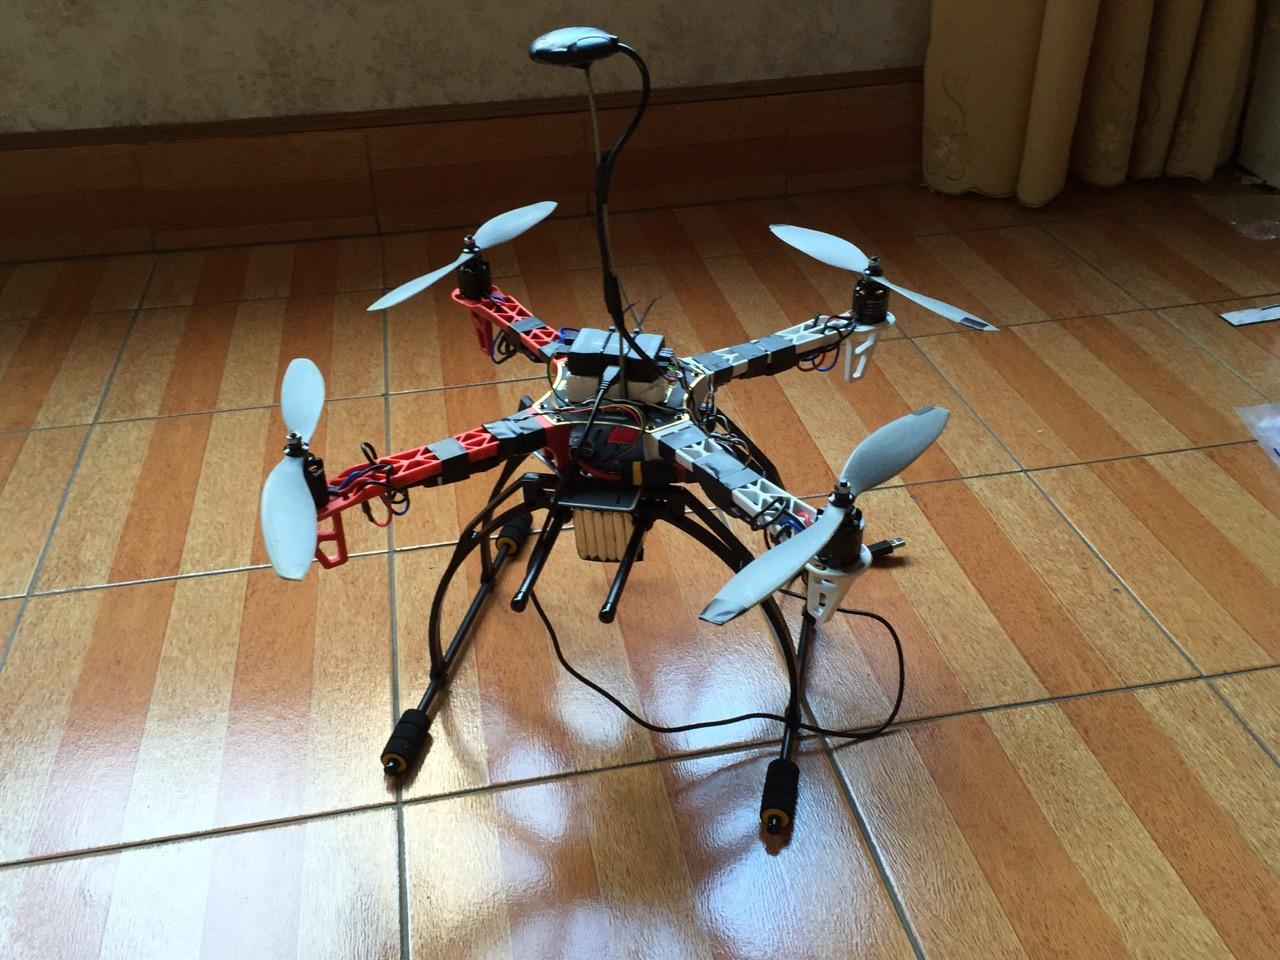 寻找一架无人机(四轴飞行器)